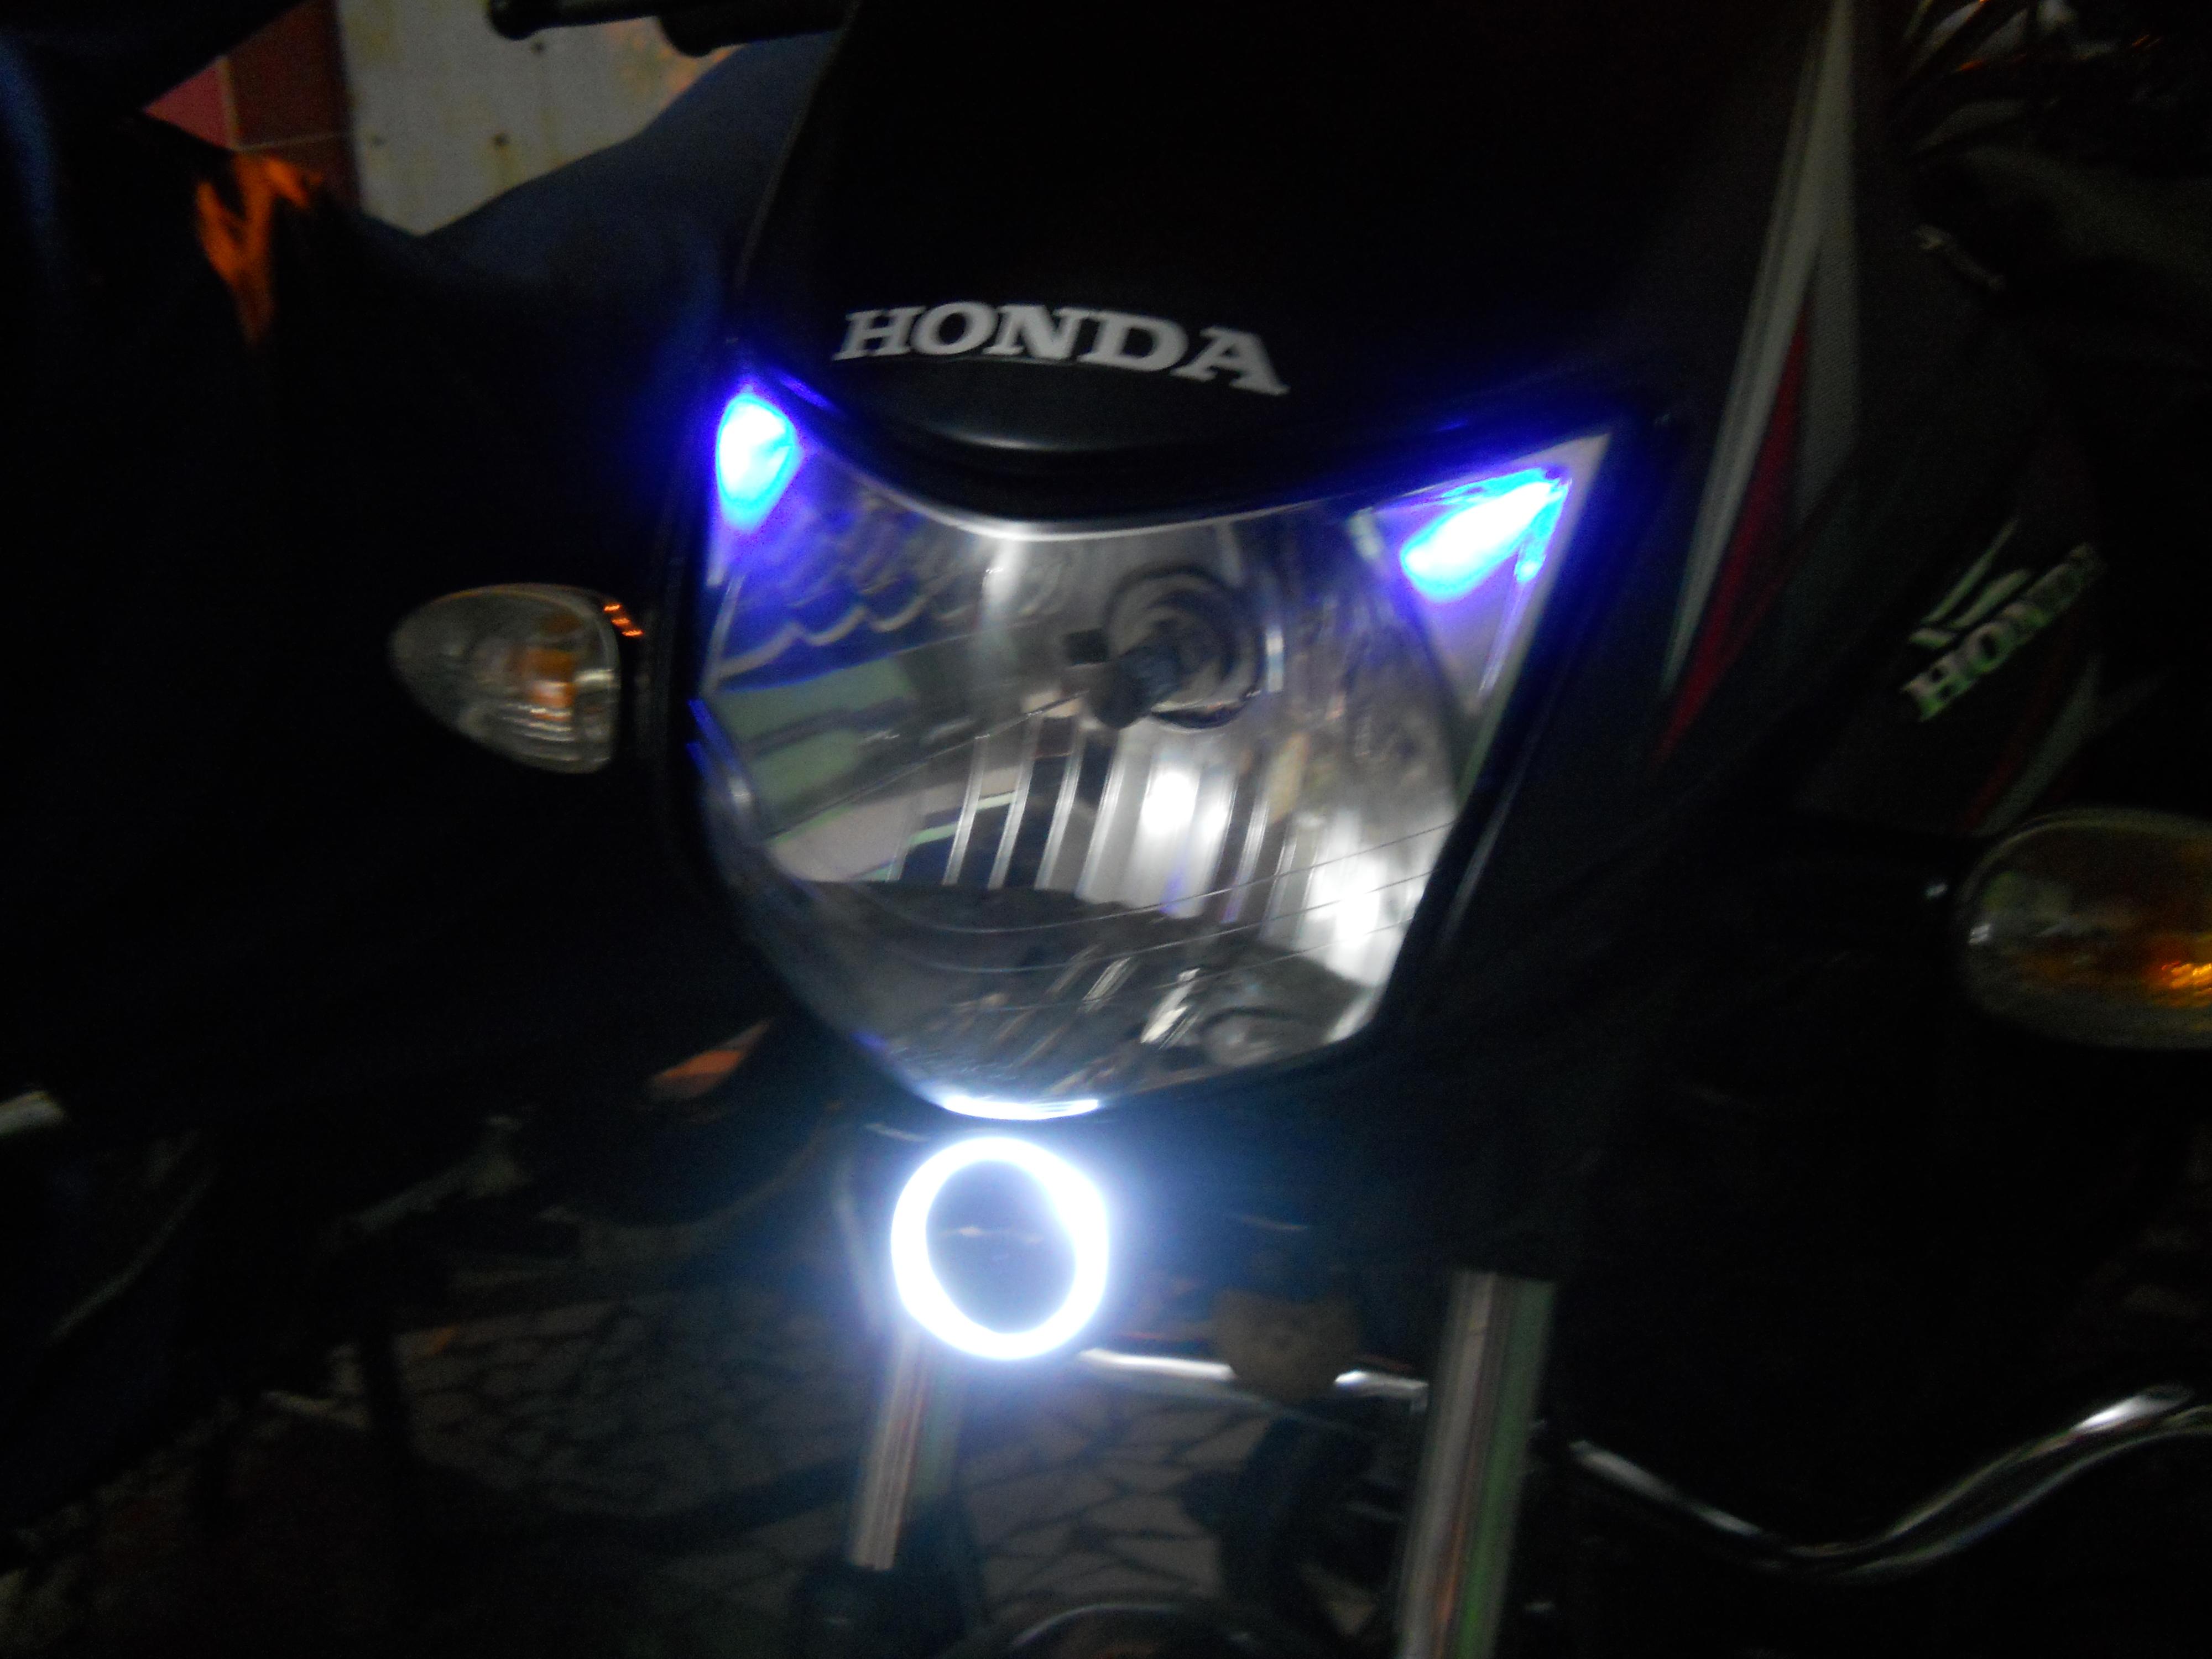 Angel eye using Torch light